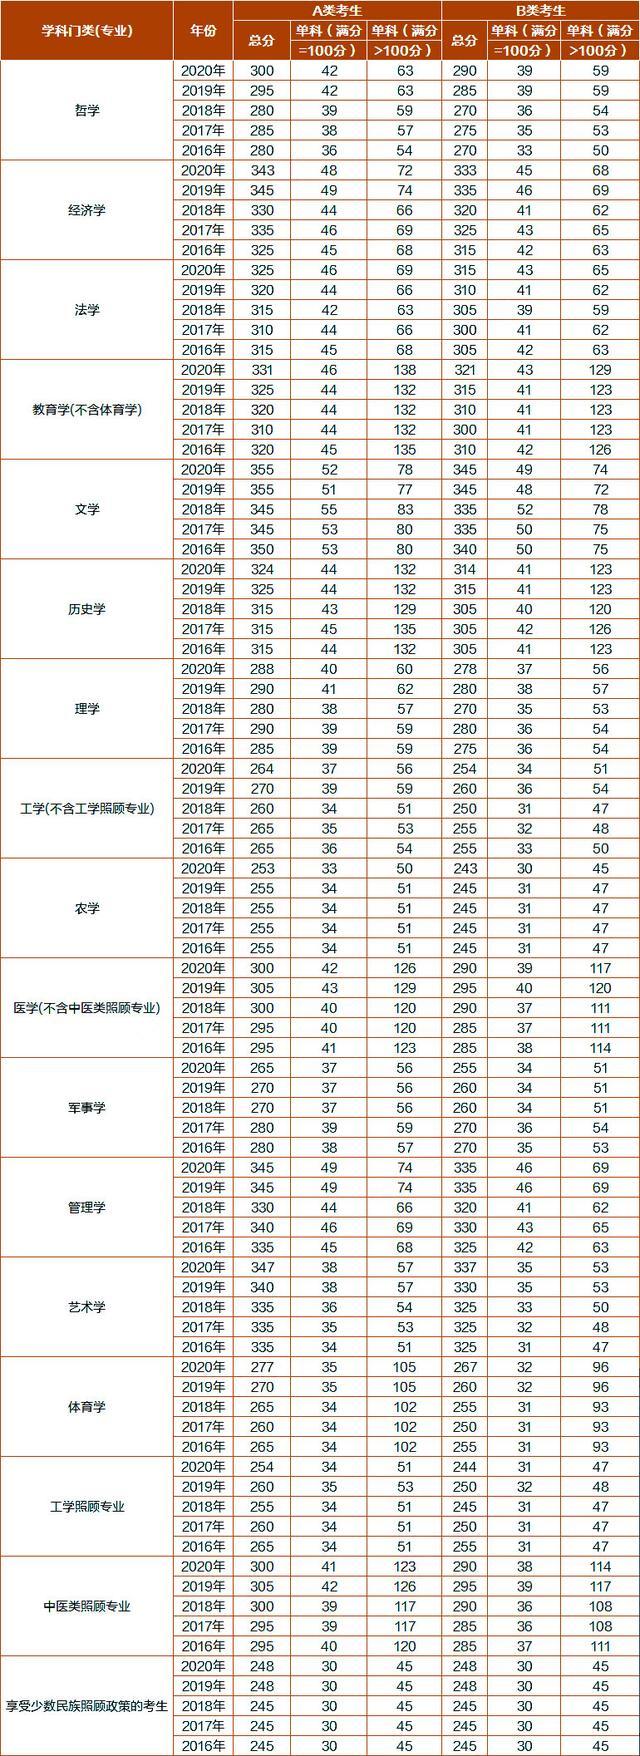 2016-2020年考研【学硕】国家分数线